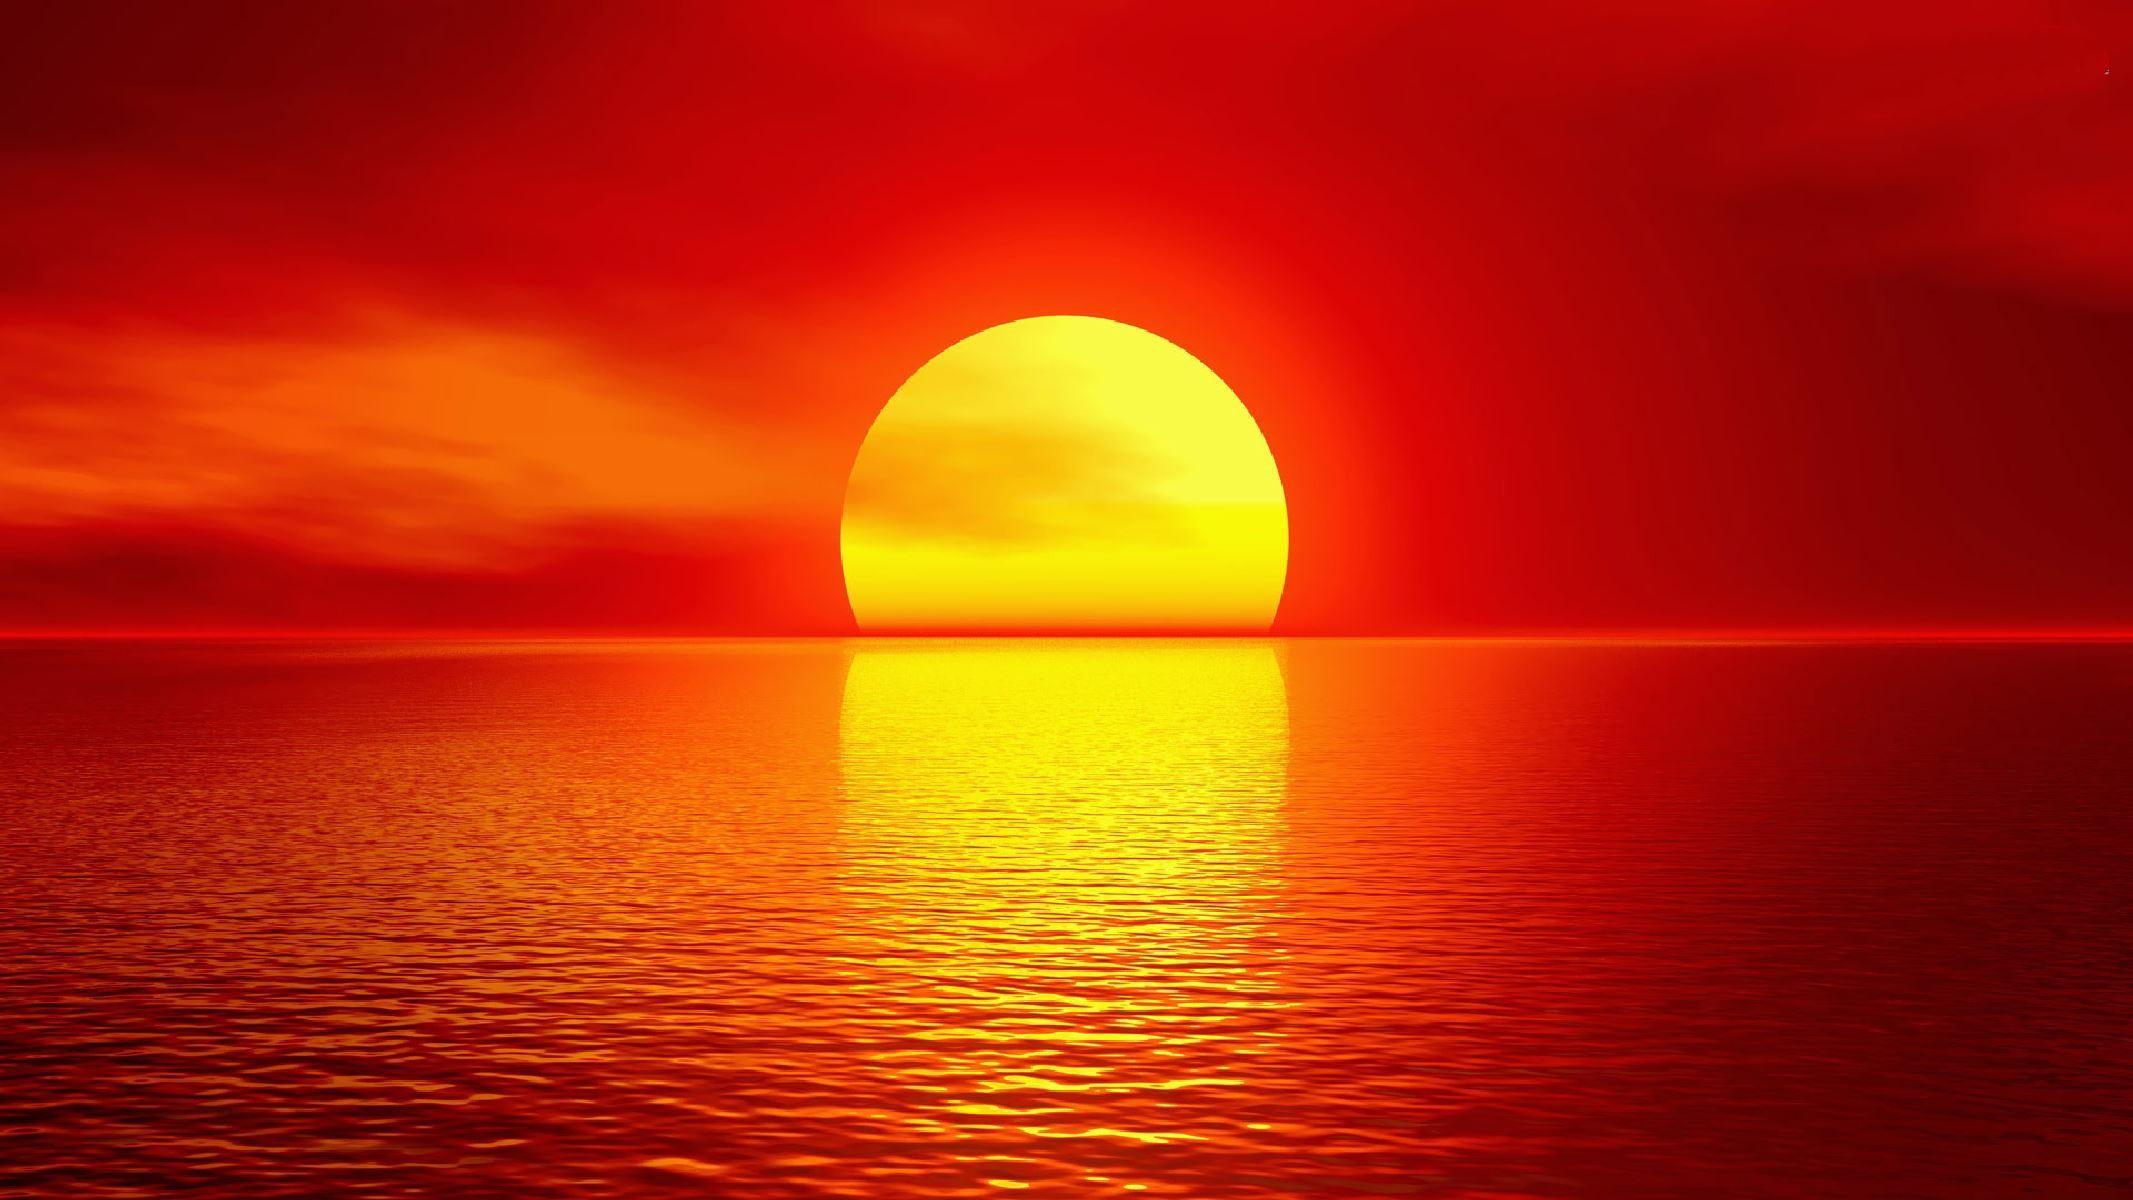 صوره صور غروب الشمس , صوره لا اكثر منظر طبيعي جدا